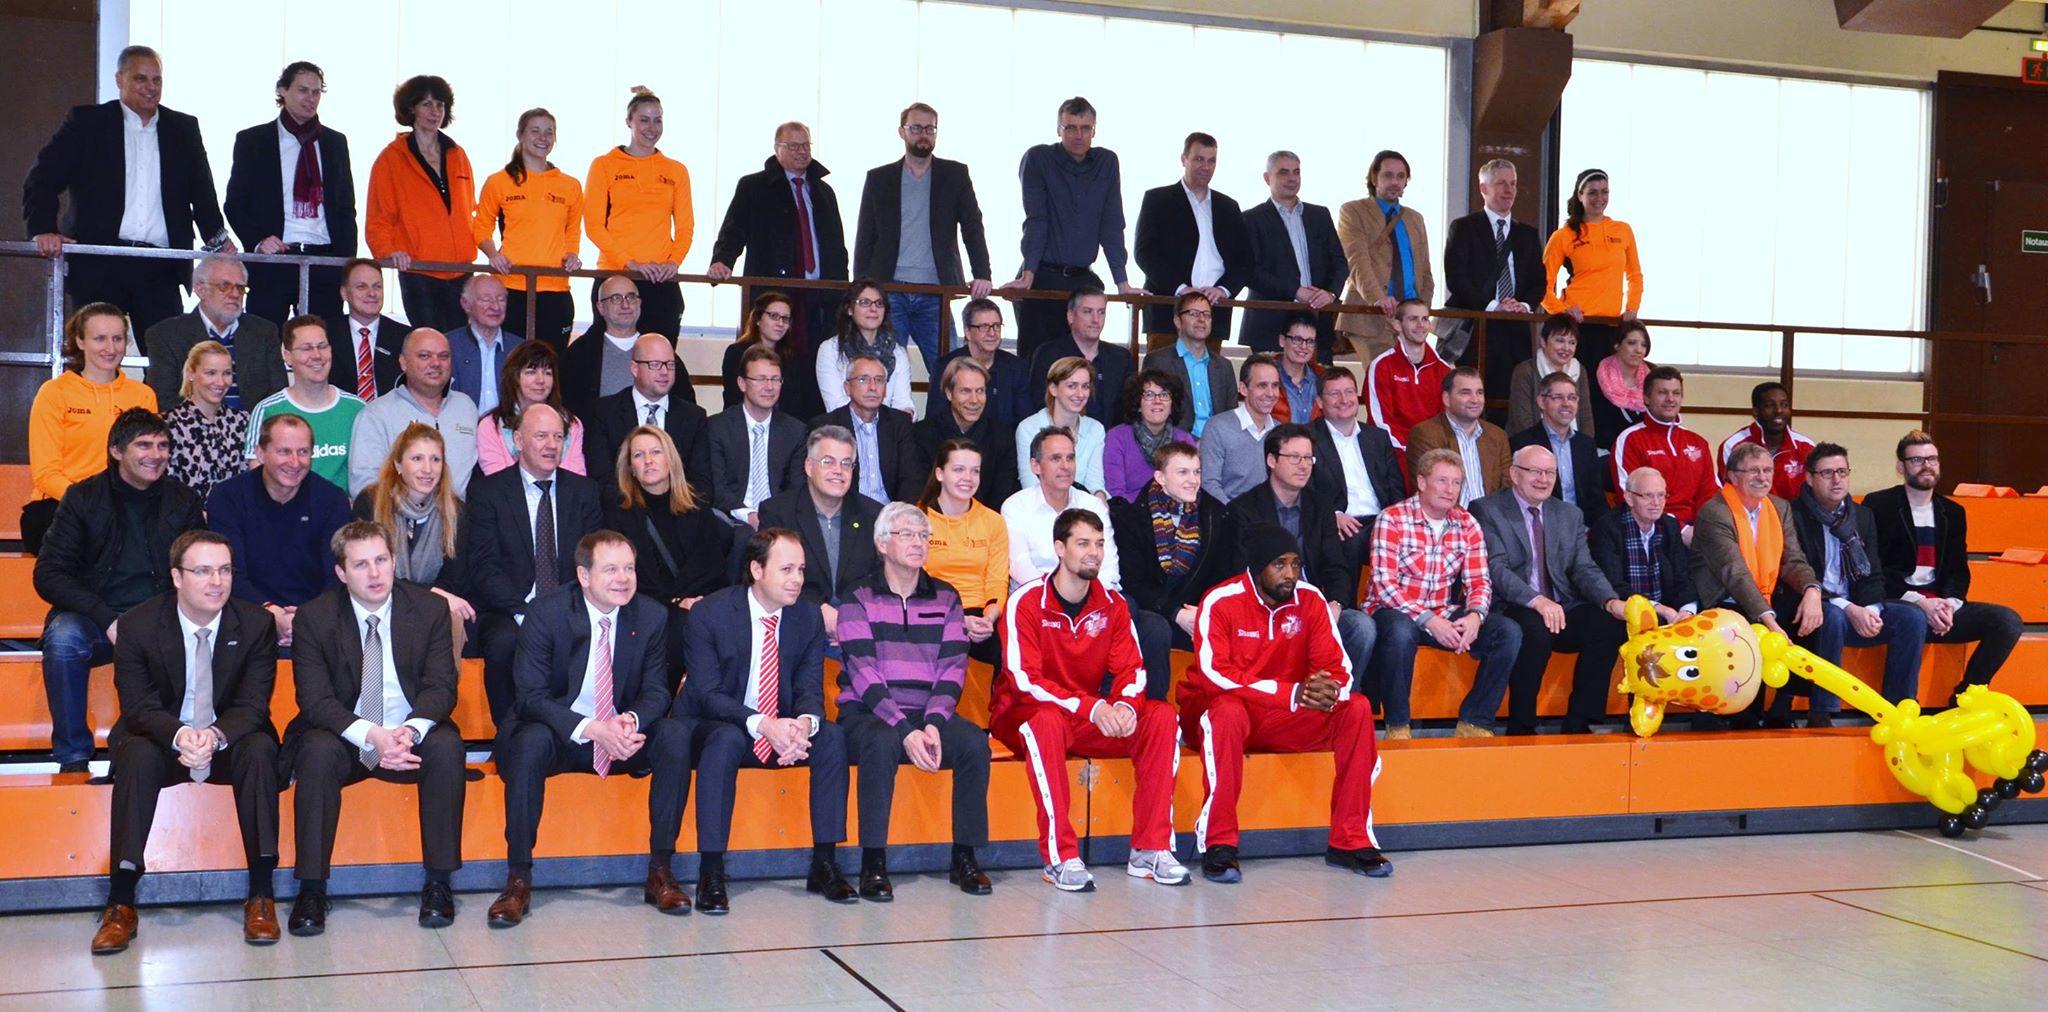 Gäste beim Neujahrsempfang der Langener Basketballer